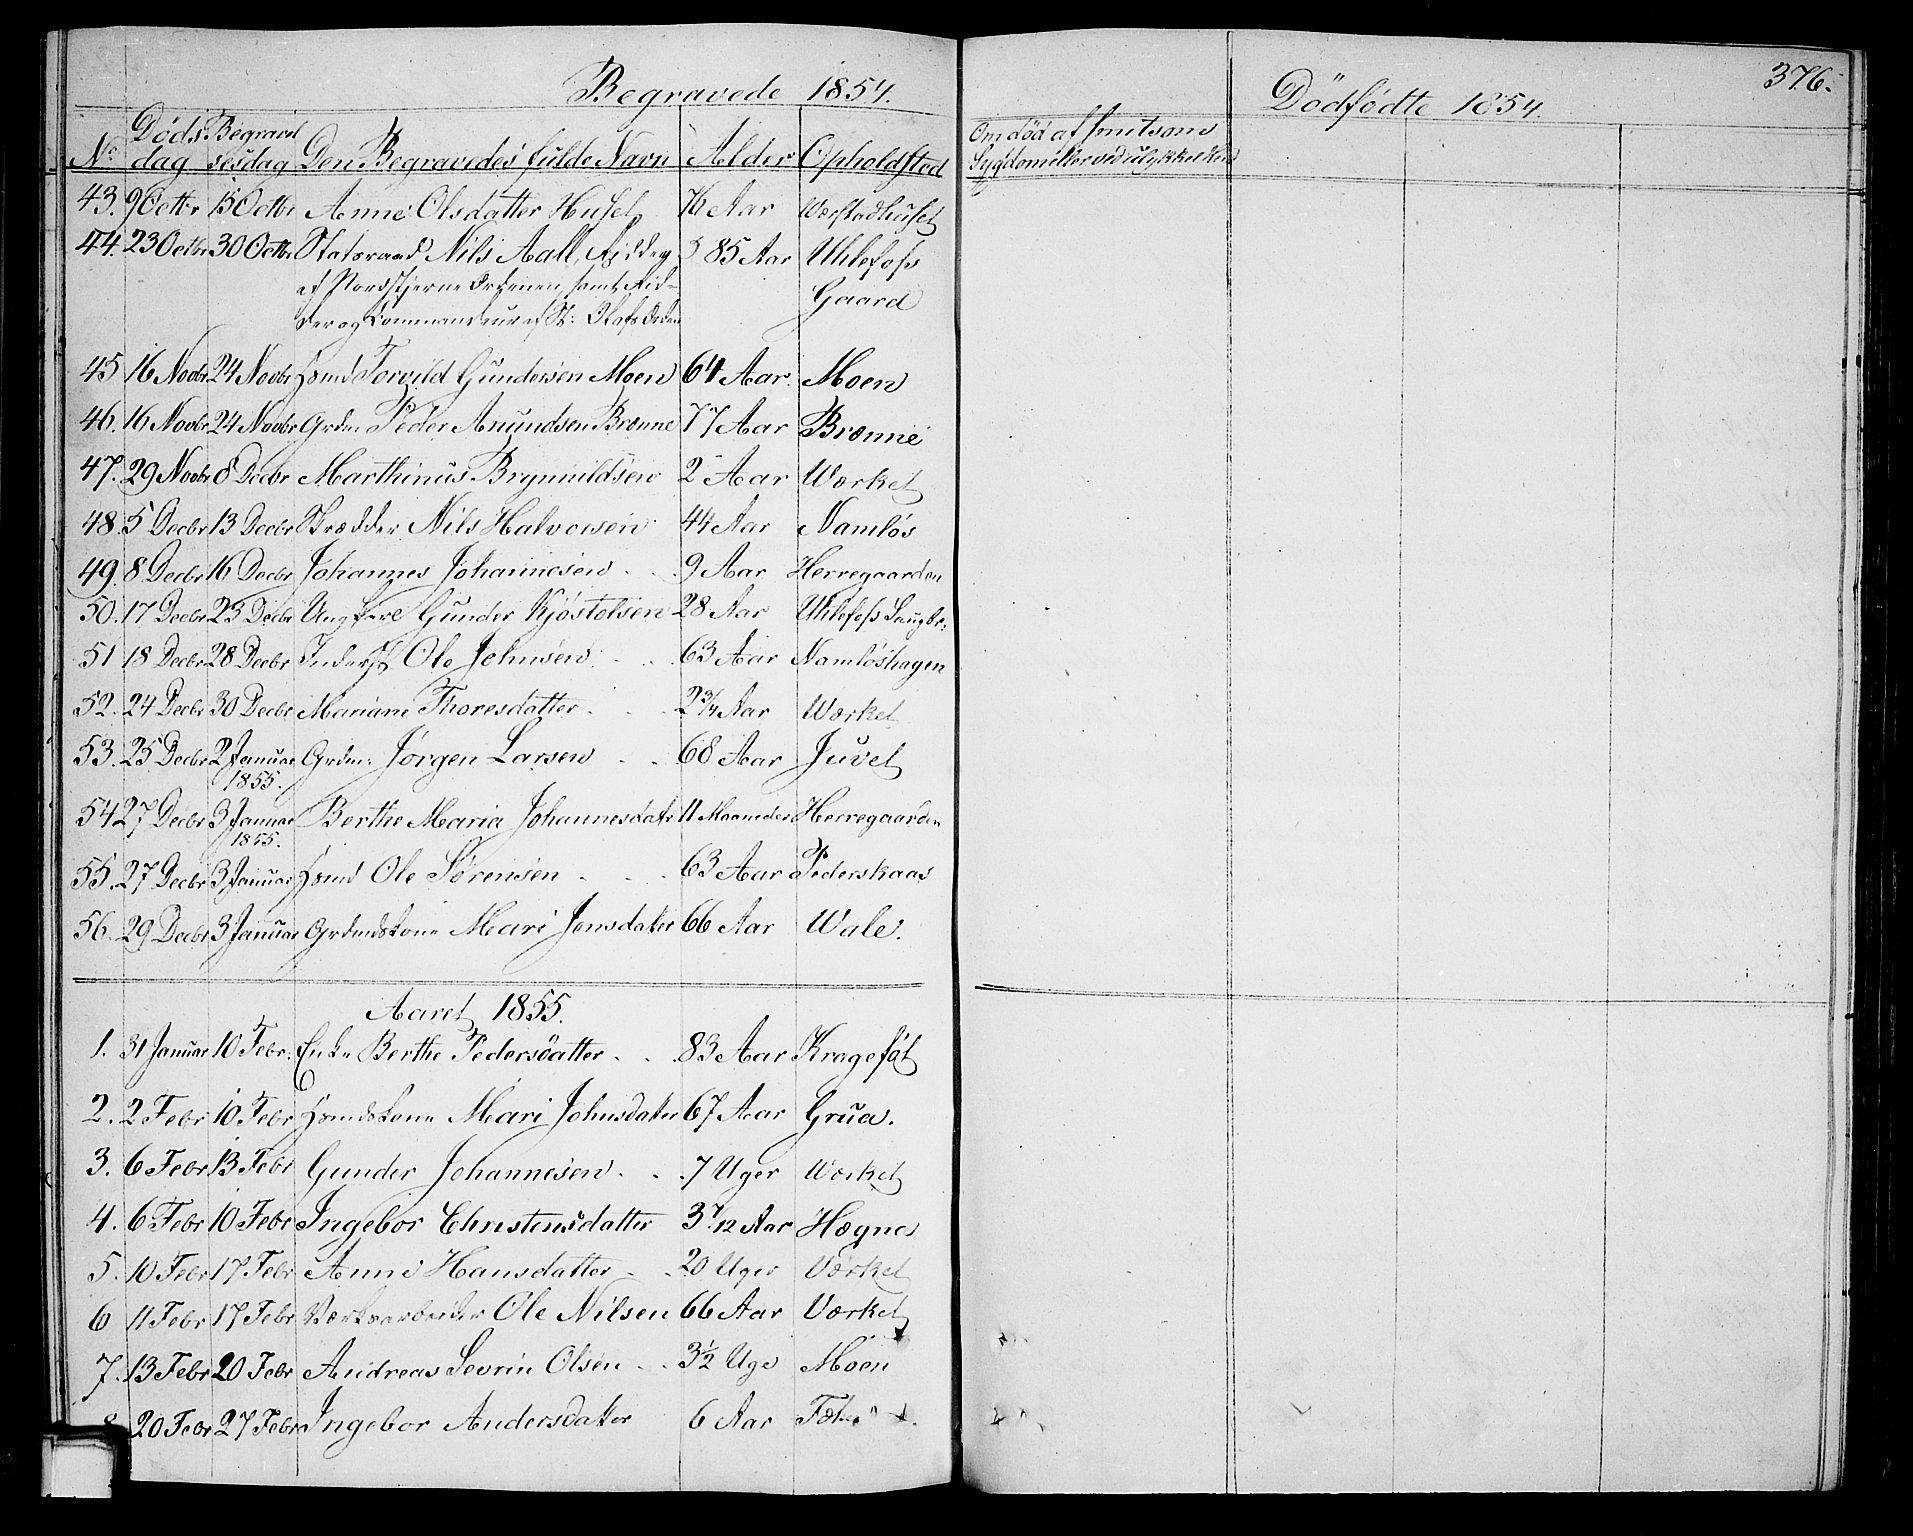 SAKO, Holla kirkebøker, G/Ga/L0003: Klokkerbok nr. I 3, 1849-1866, s. 376